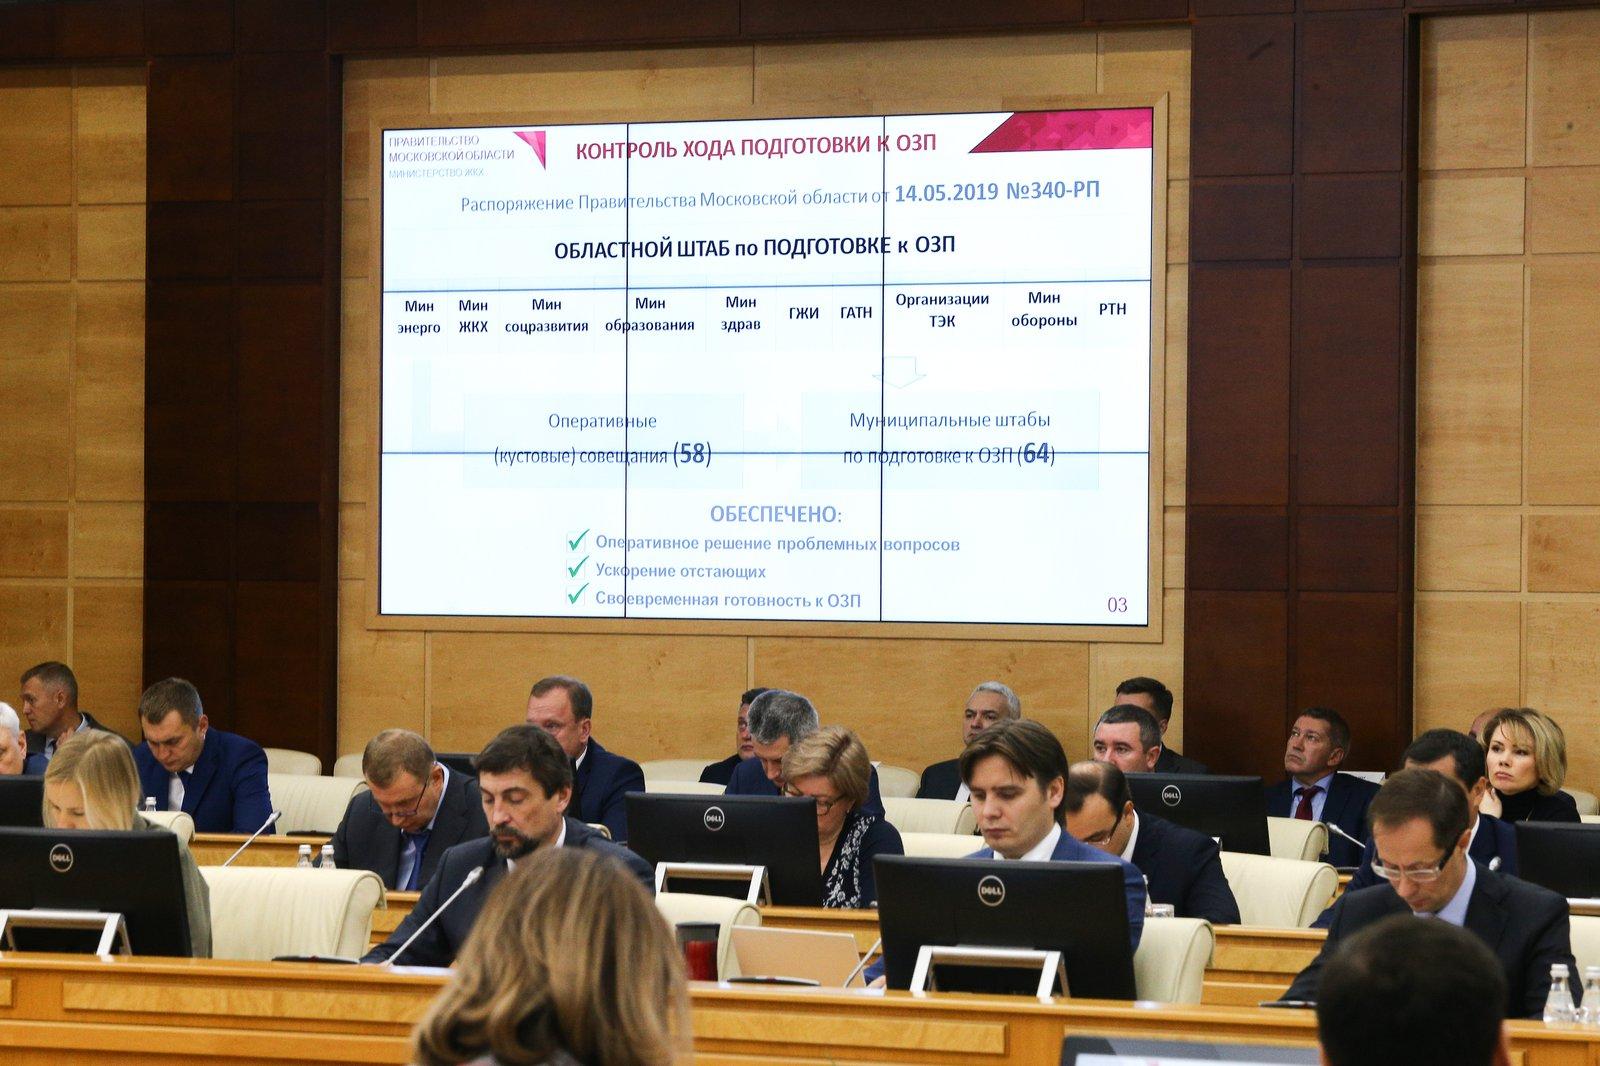 Андрей Воробьев губернатор московской области - Регион для бизнеса — новый кредитный рейтинг Подмосковья и другие вопросы заседания правительства